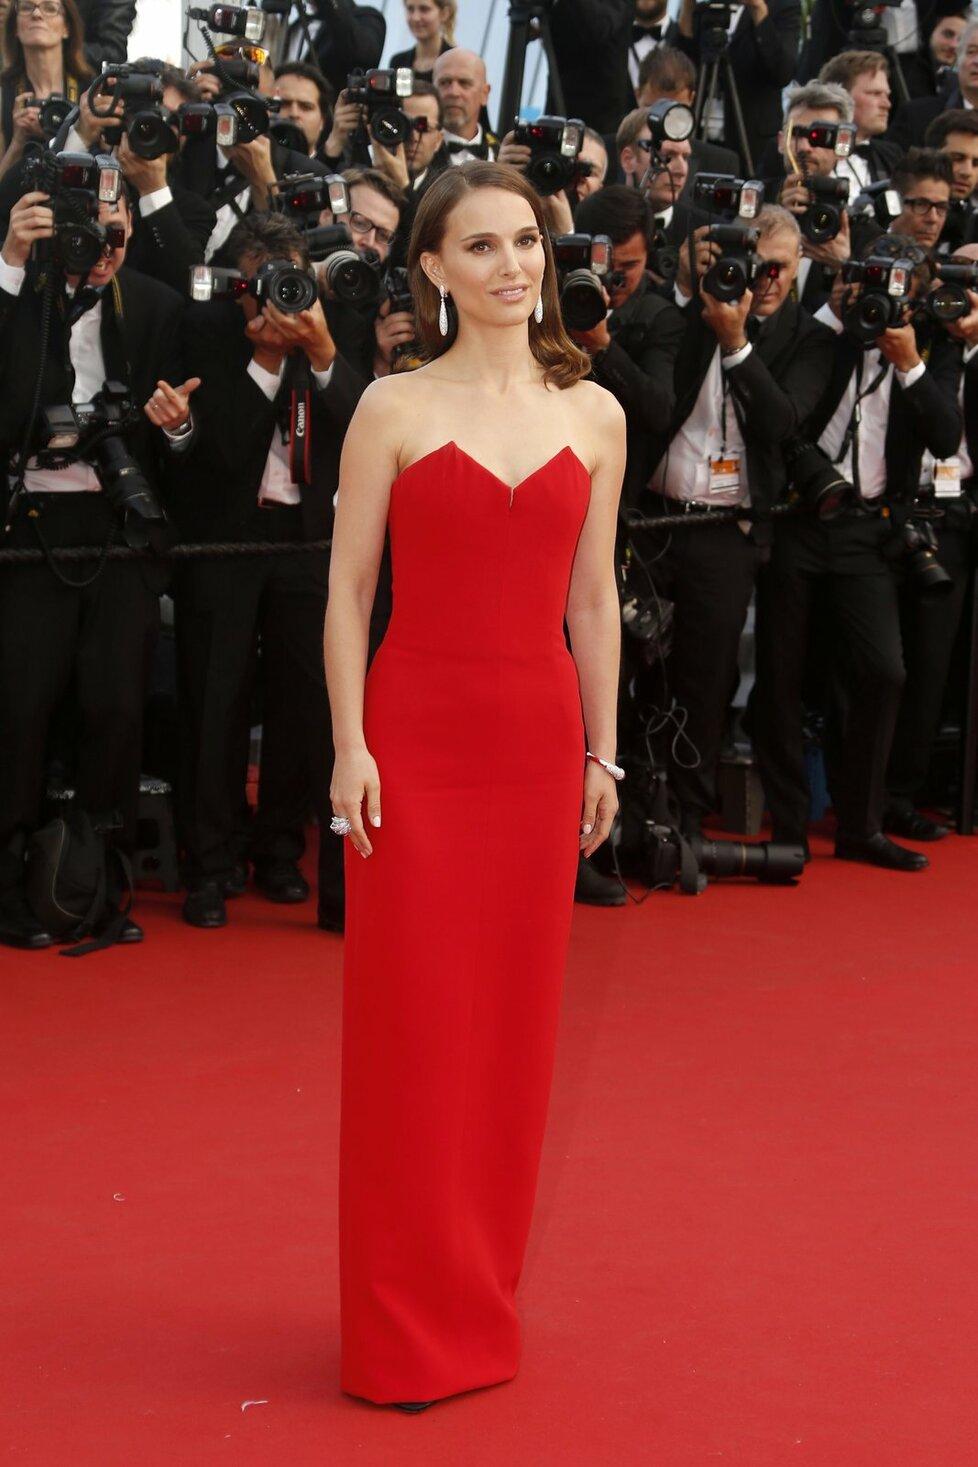 Natalie Portman oslnila v rudé robě.